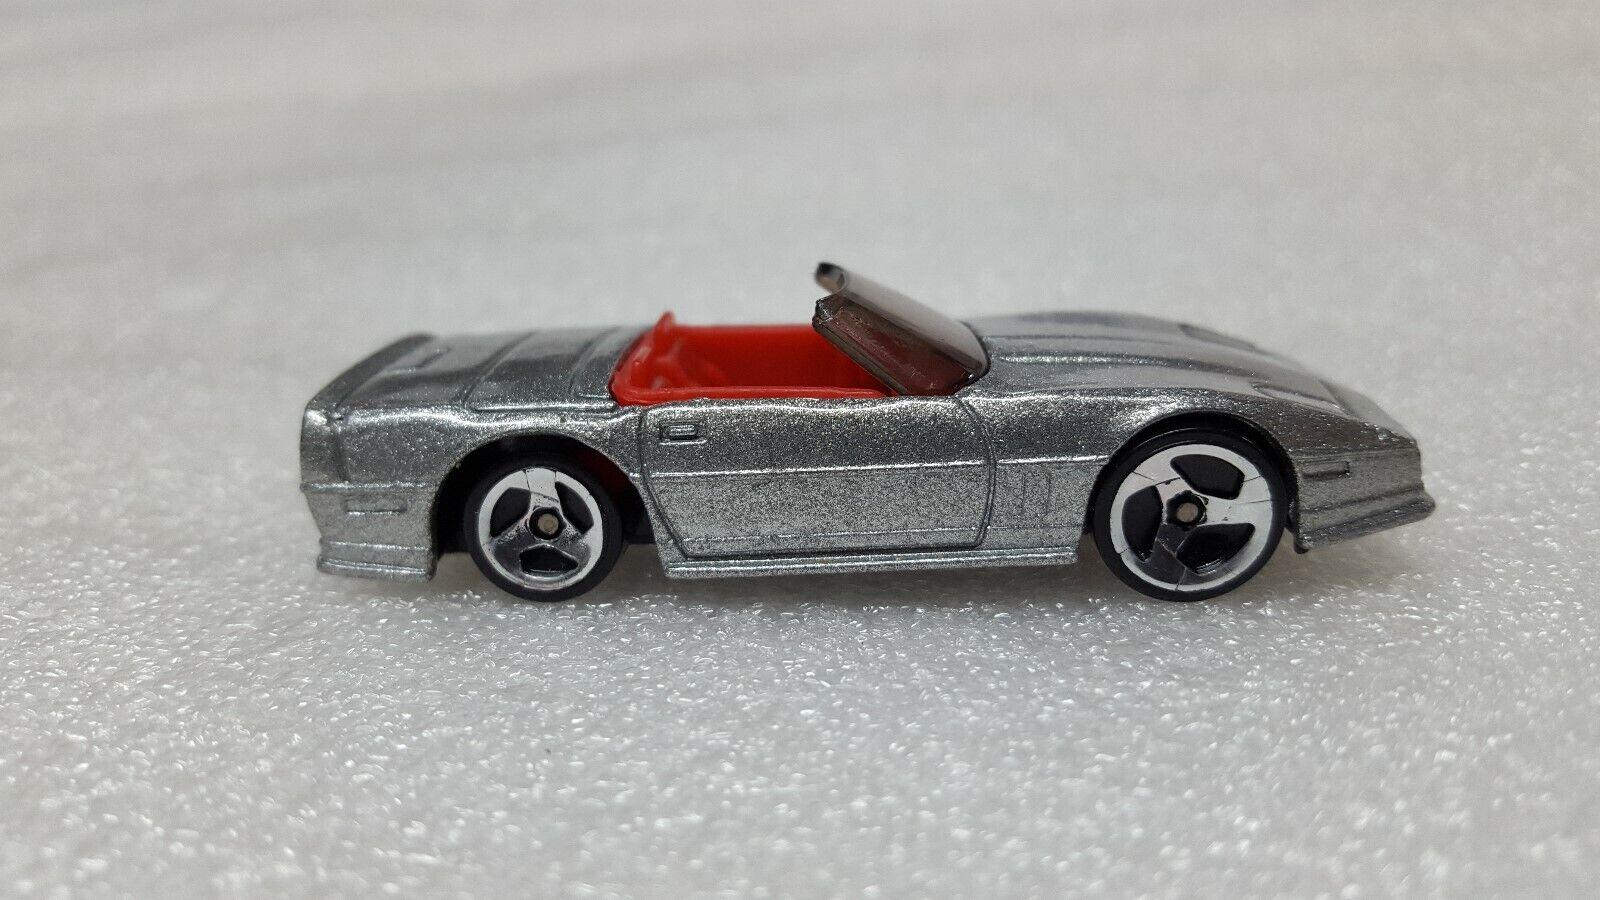 promociones de descuento Hot Wheels Wheels Wheels 1988 Corvette 1995 exclusivo error de fábrica personalizadas Corvette 3spk  garantía de crédito